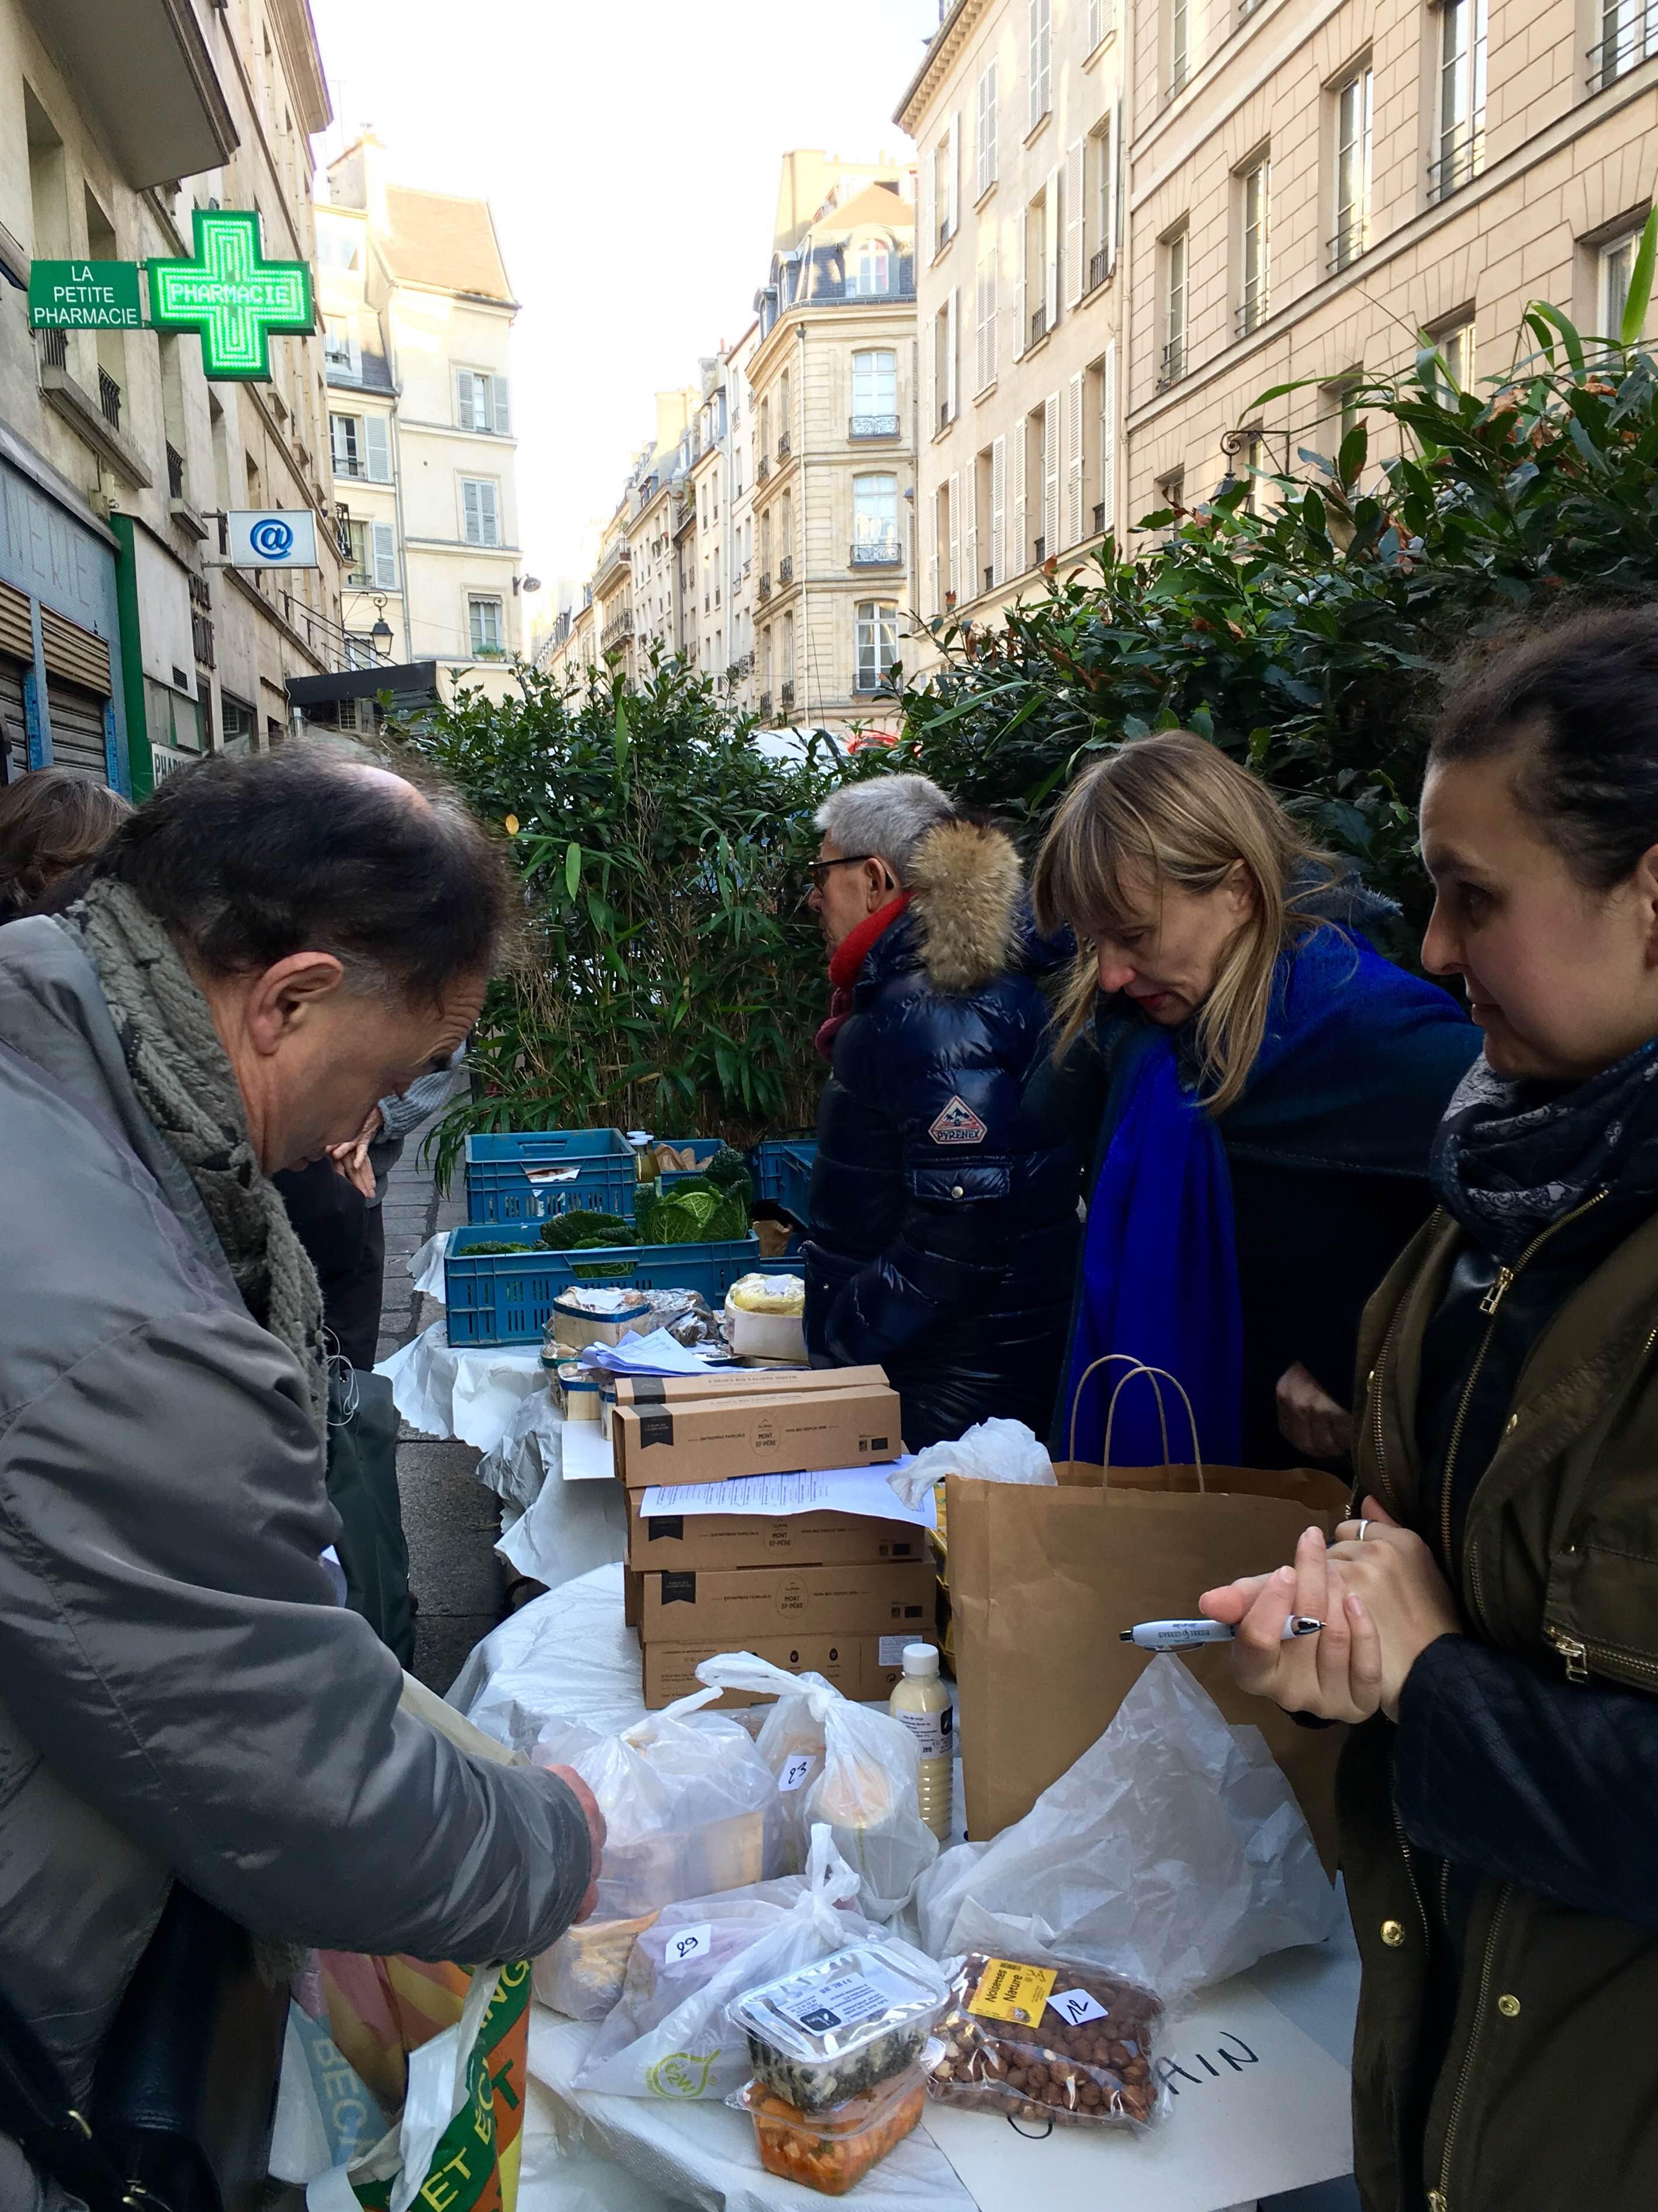 Samedi matin devant l'épicerie Da Rosa : la Ruche bourdonne de locavores. Photo © Guillaume.